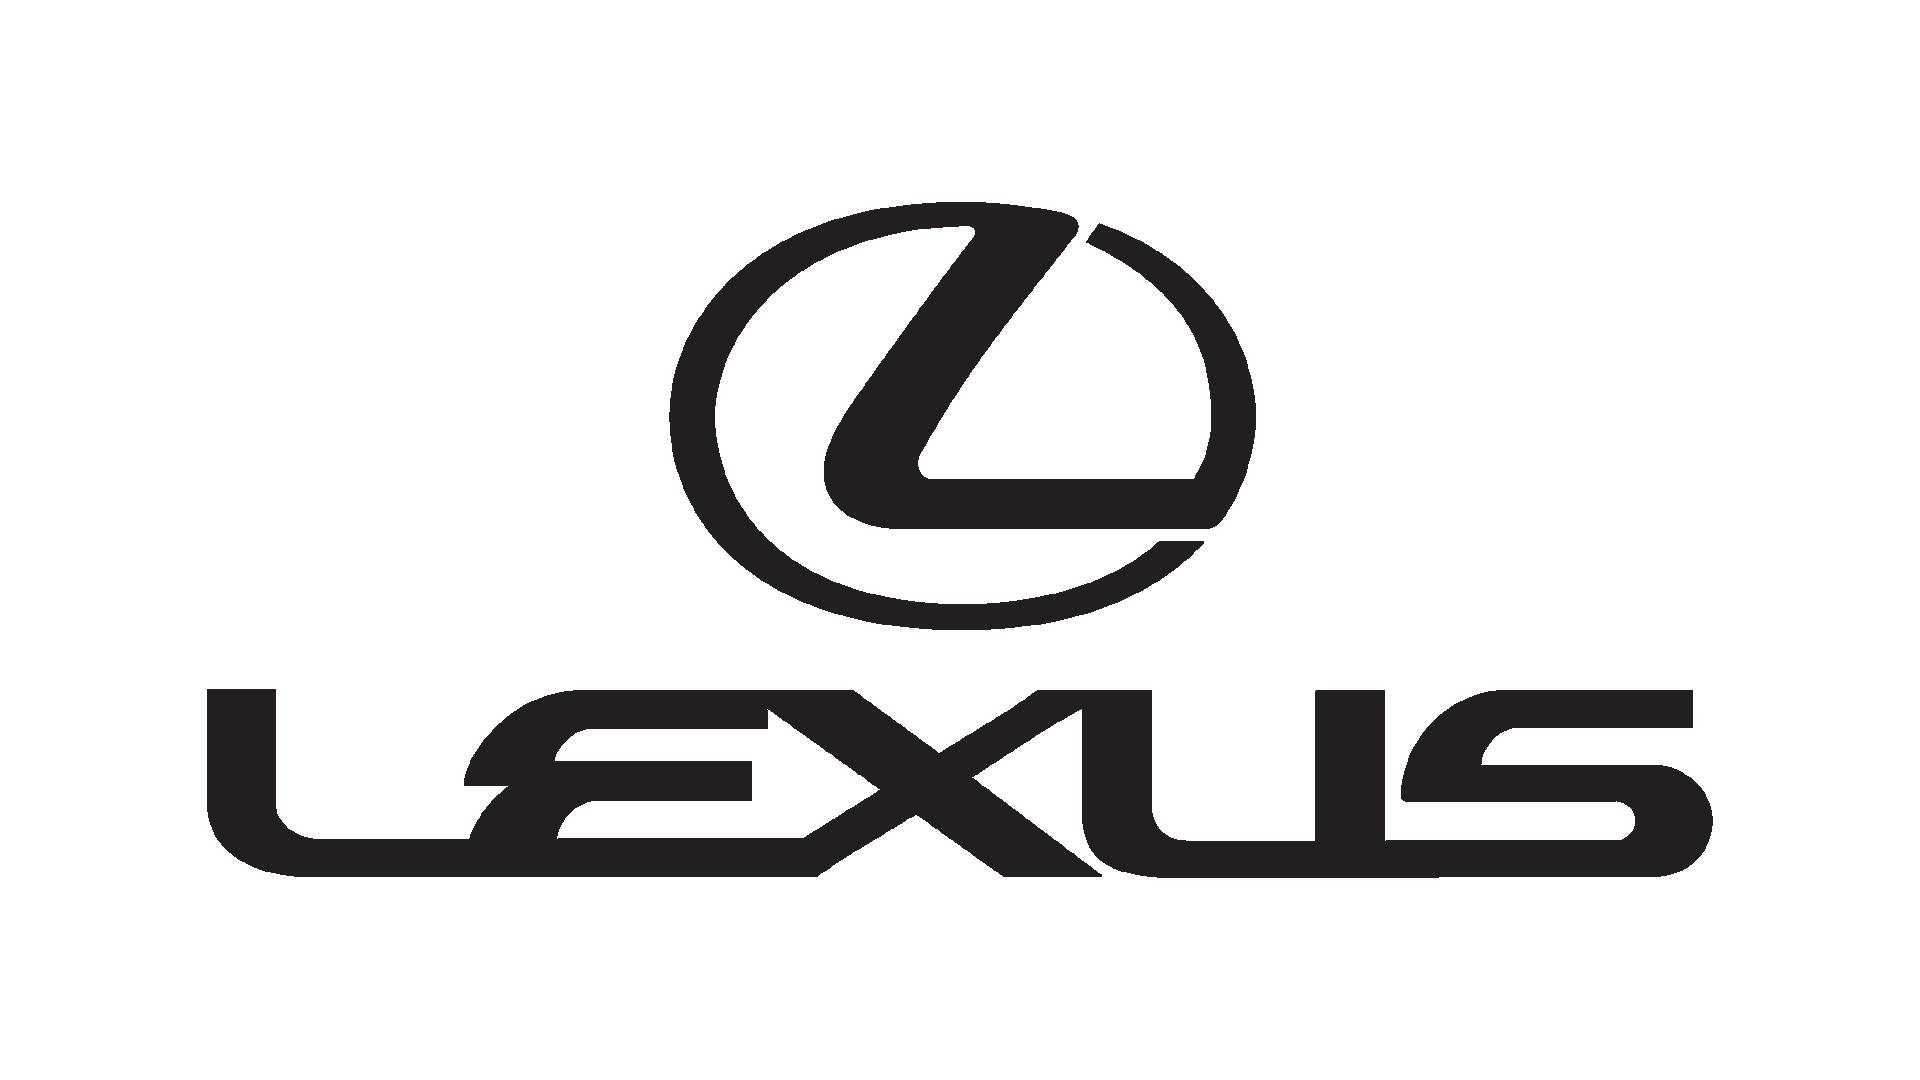 Lexus Logos PNG Image.